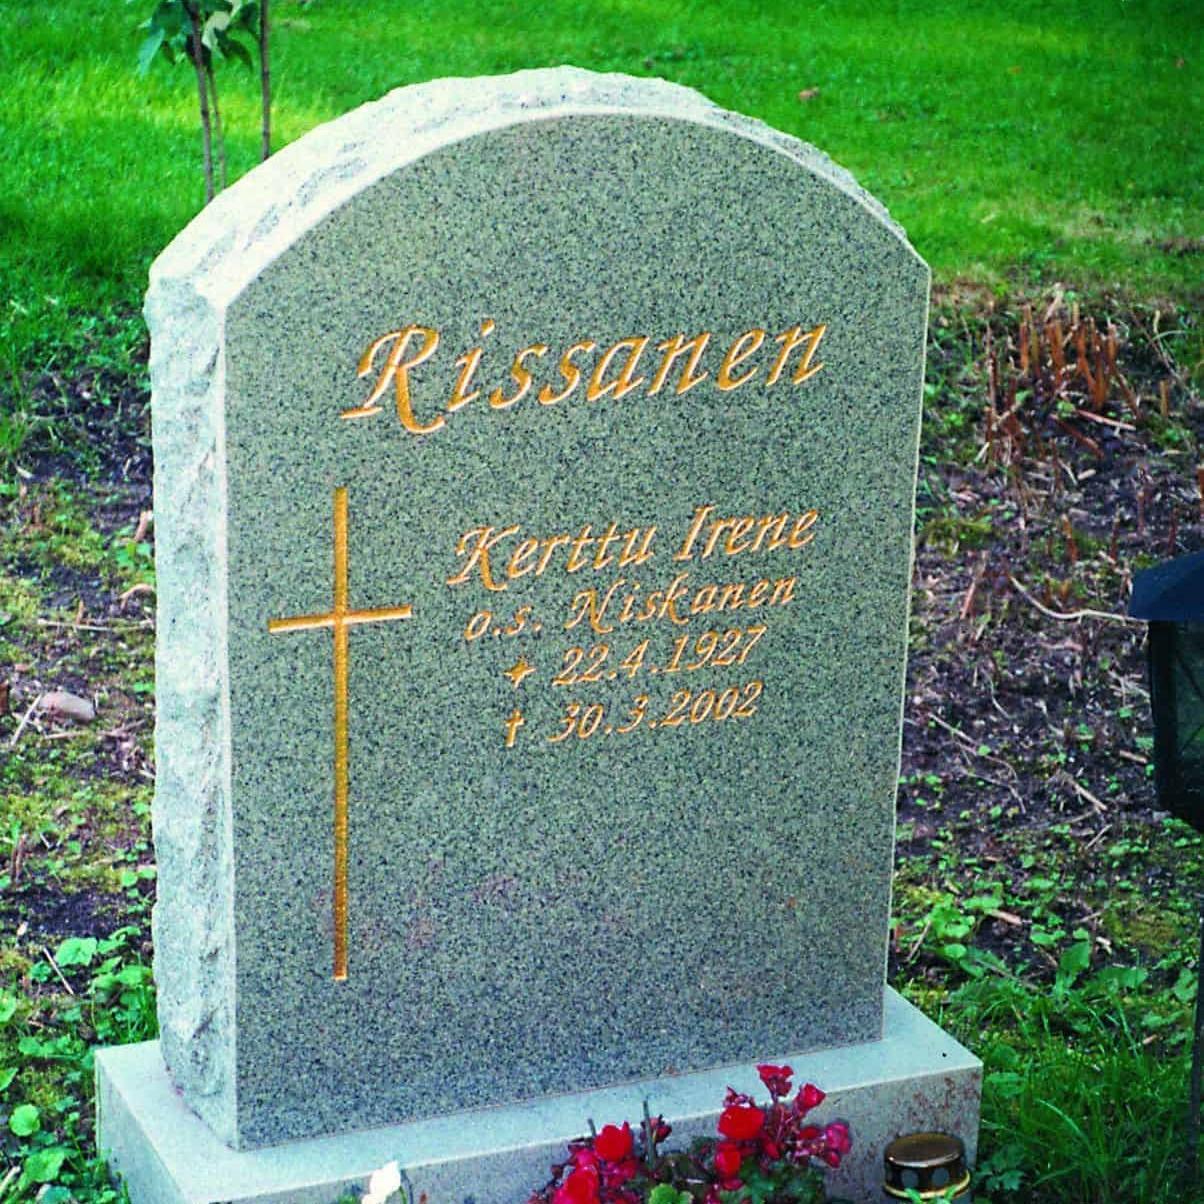 Hautakivi Rissanen on vaaleanharmaa hautakivi, jonka teksti ja koristelu on kullan värisellä. Hautakiven vasemmassa reunassa in koristeena risti.